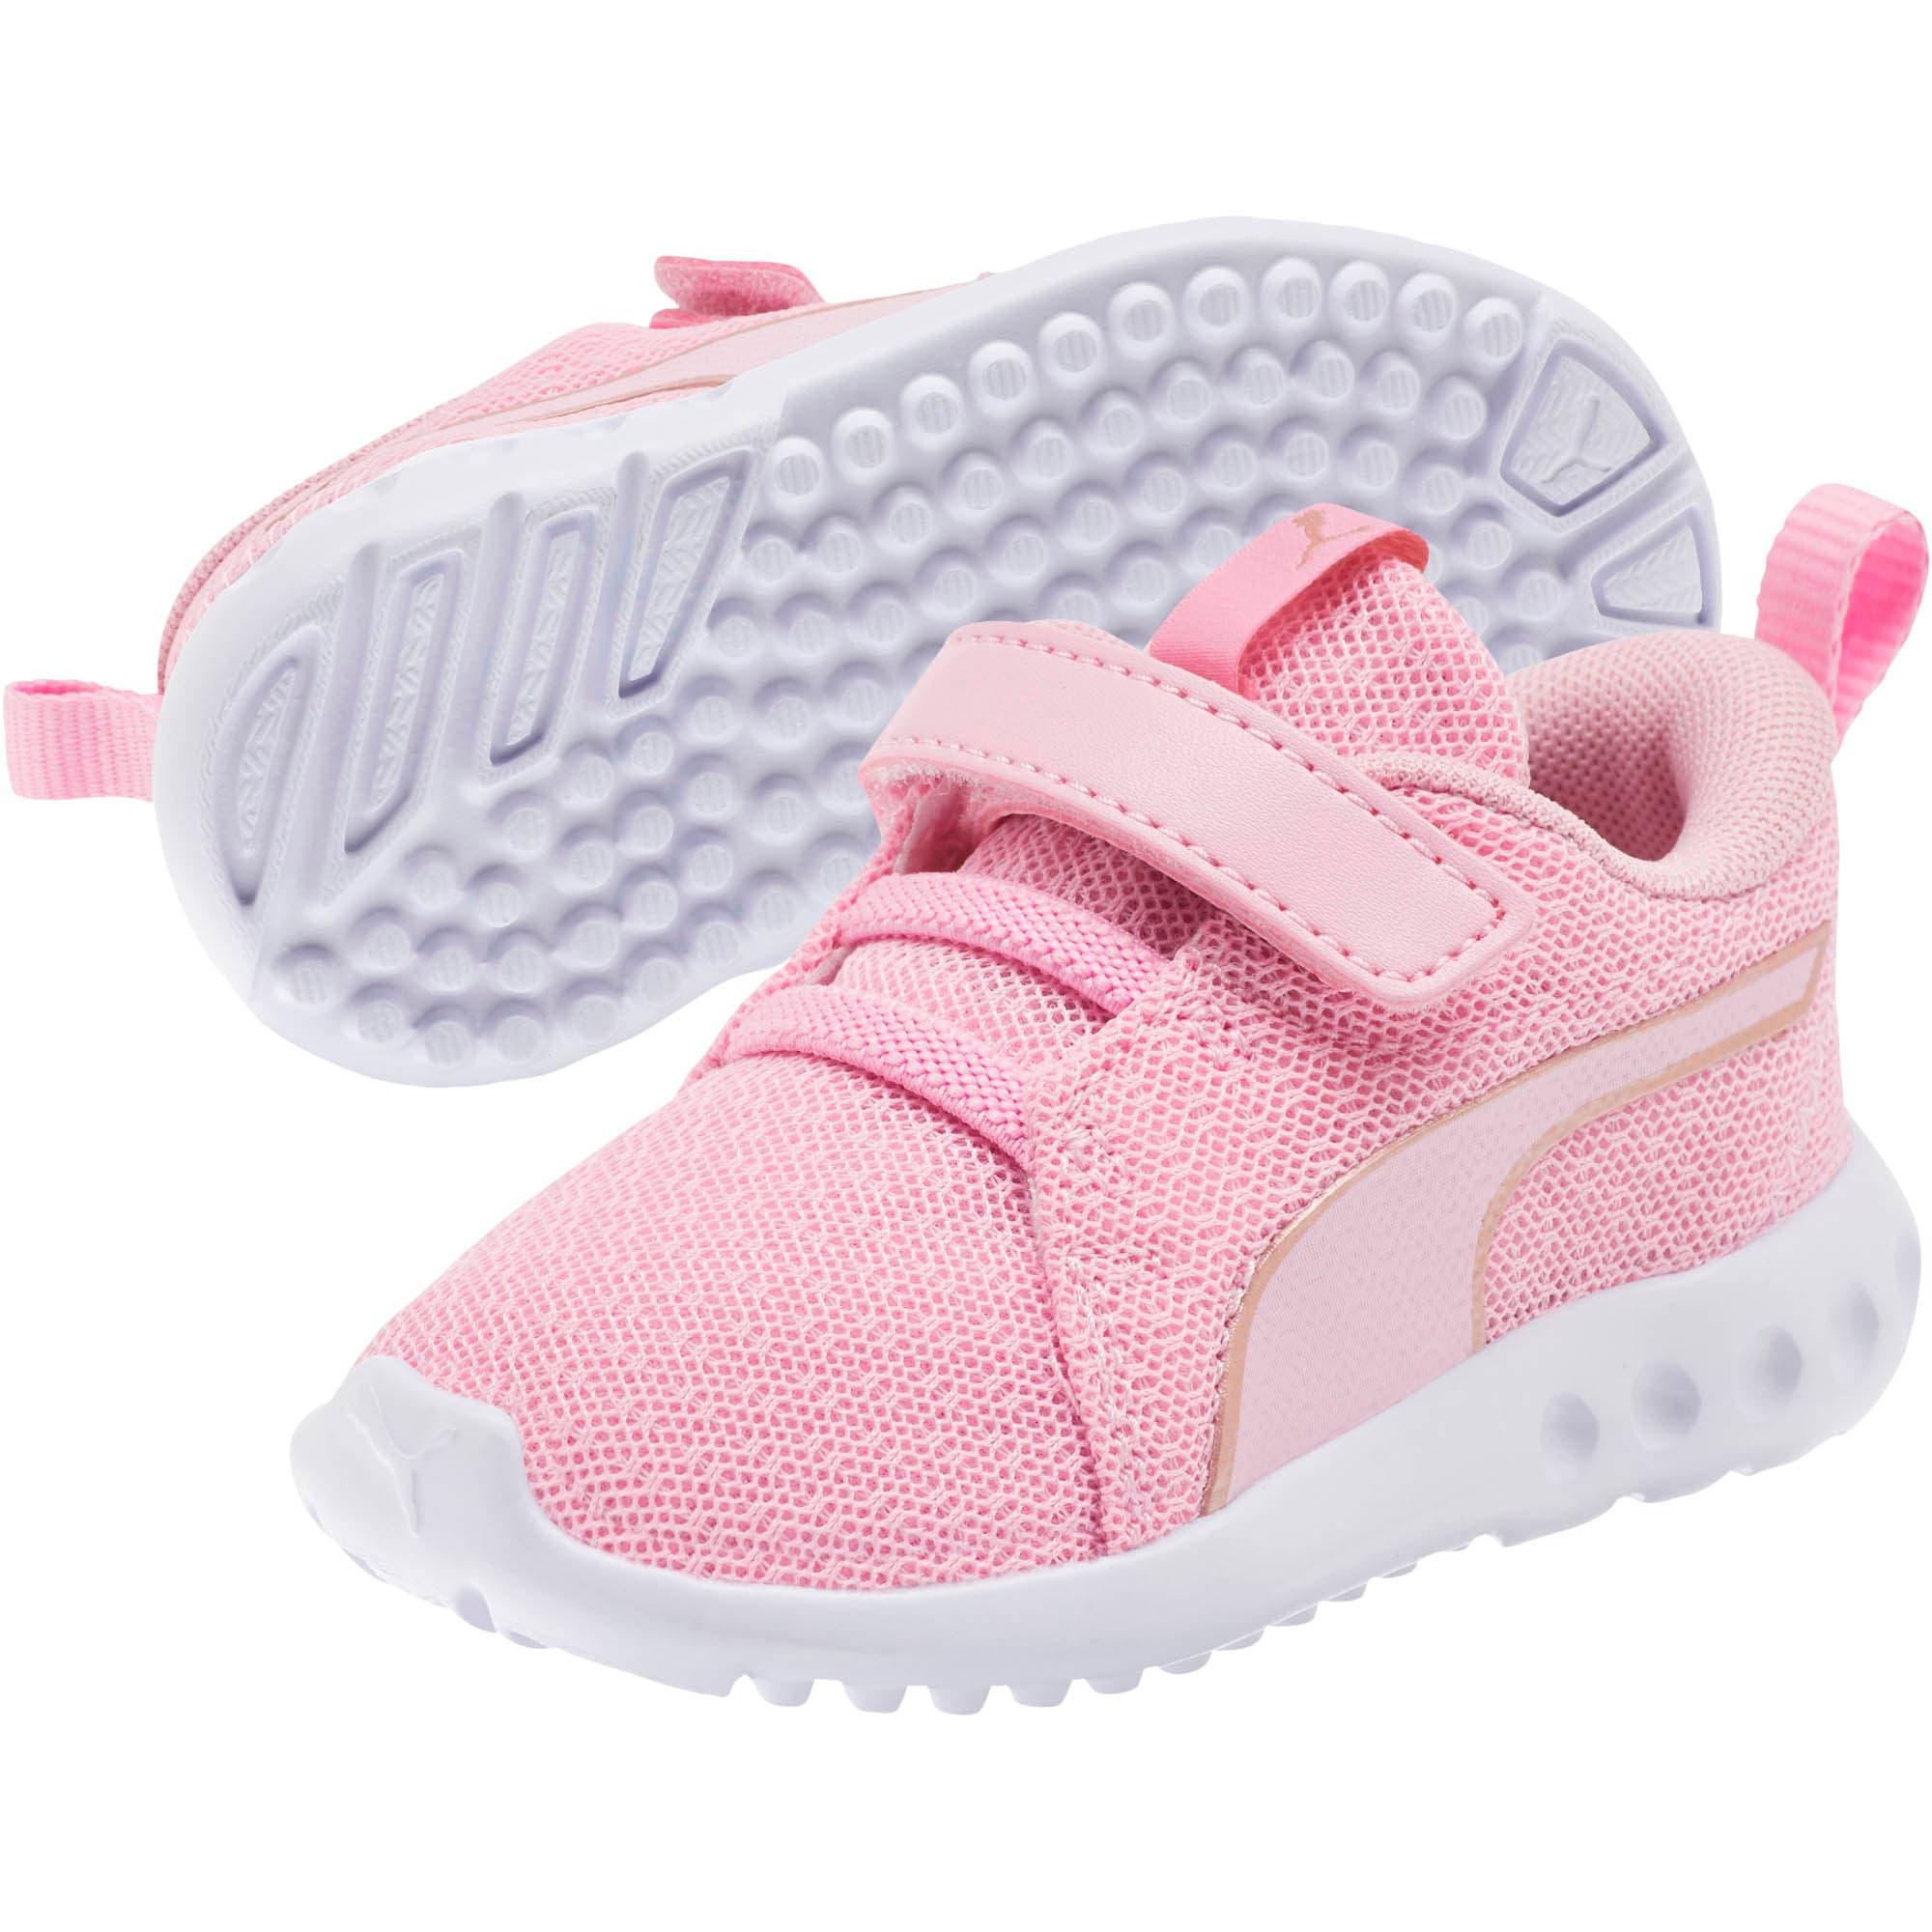 Thumbnail 2 of Carson 2 Metallic Mesh Toddler Shoes, Pale Pink-Rose Gold, medium